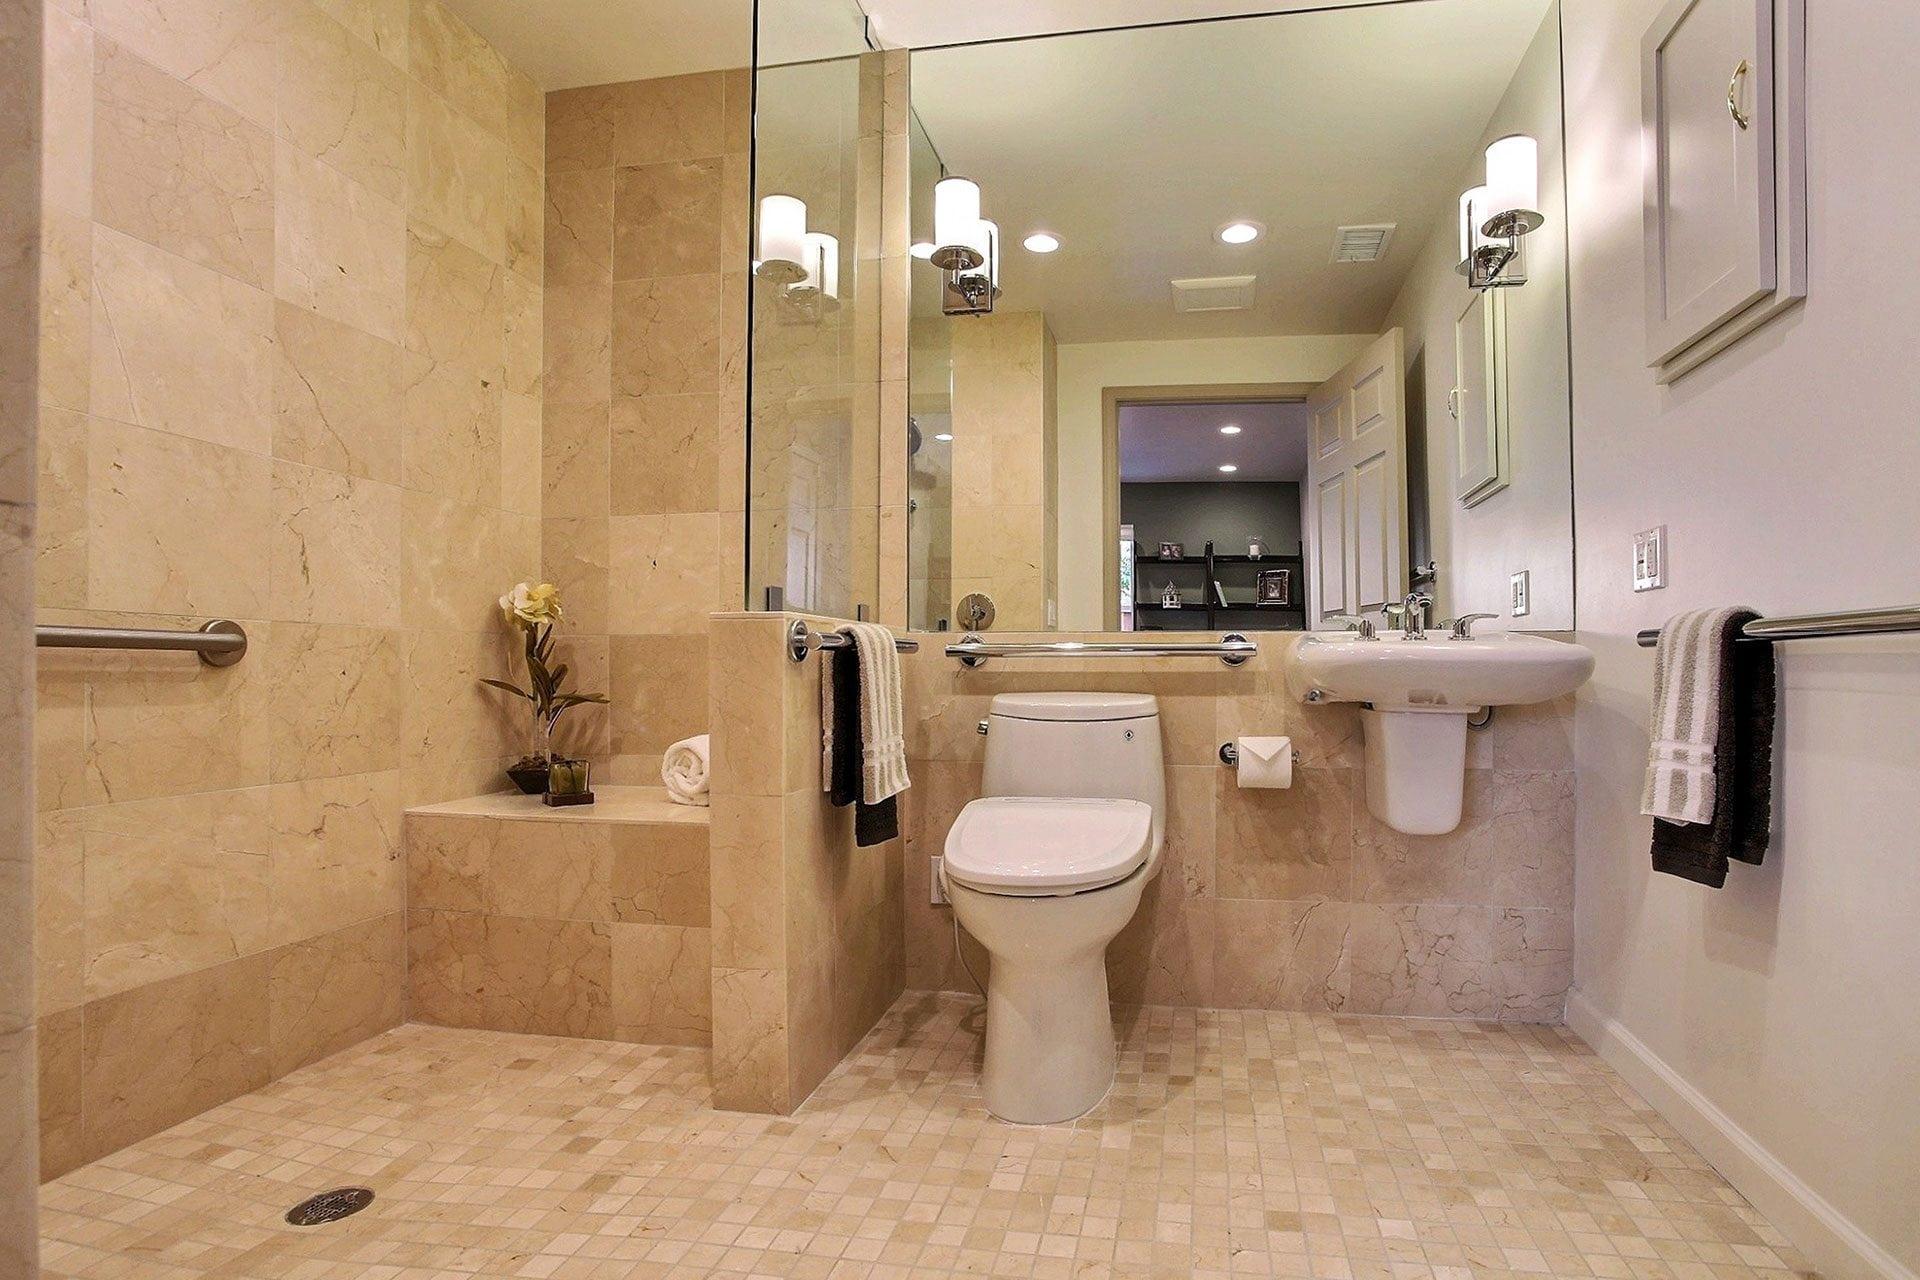 Bathroom Remodeling, Bathroom Remodels